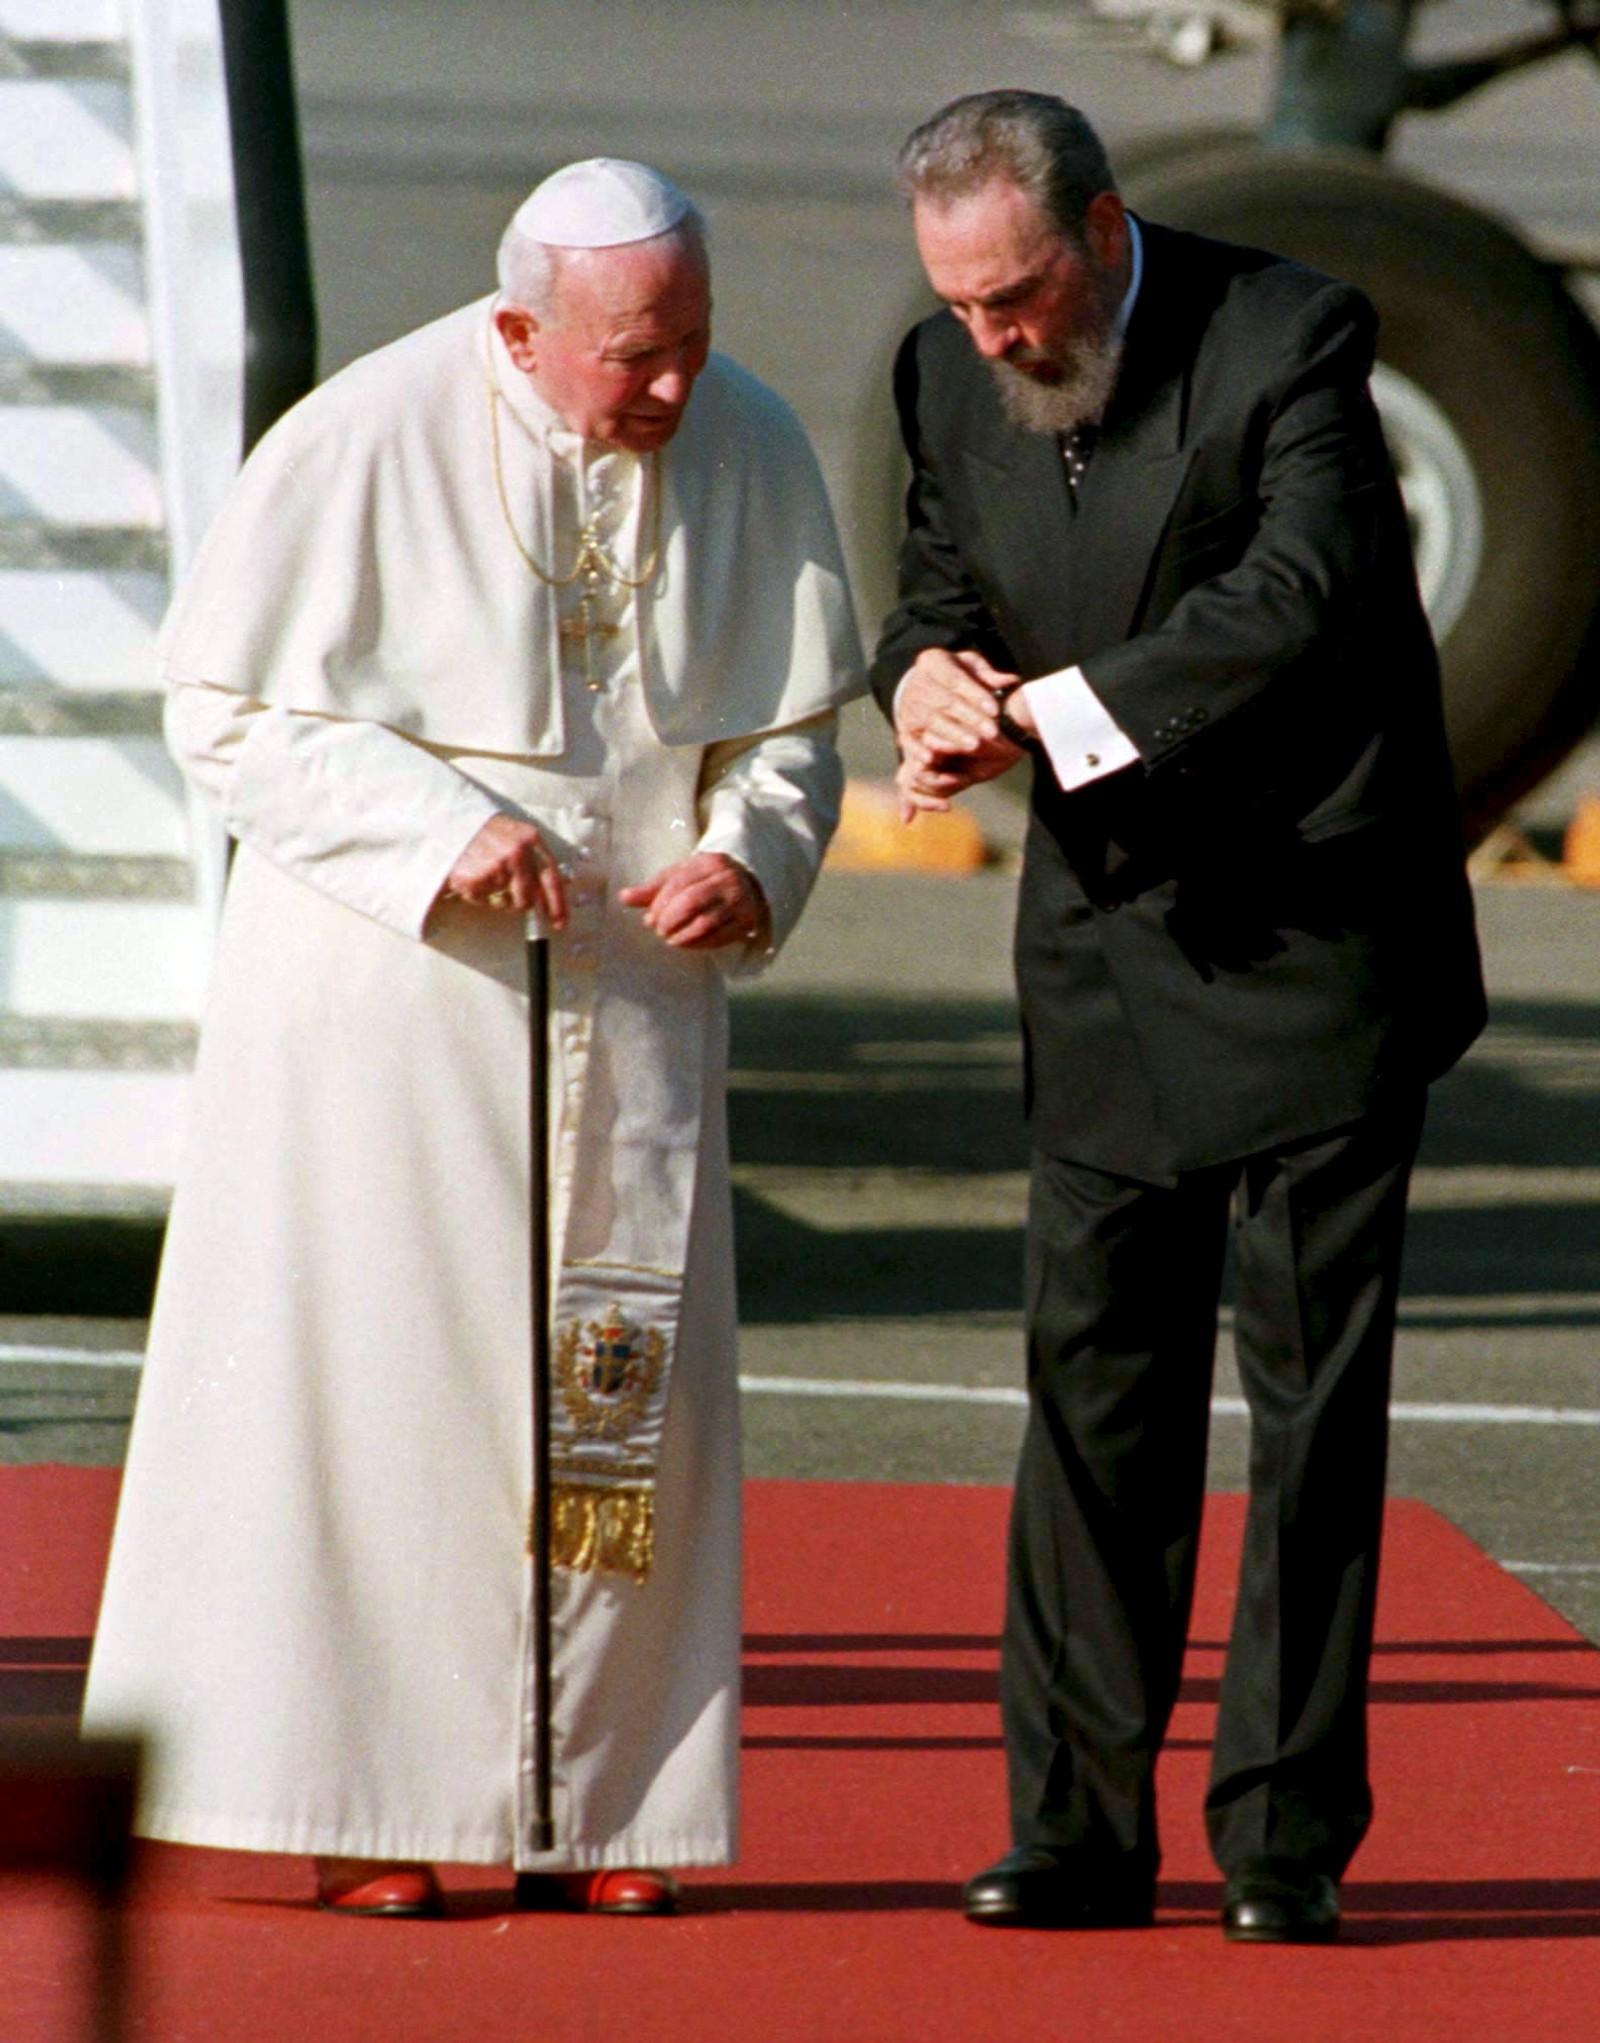 De revolusjonære frontene myknet etter hvert for Fidel Castro. Den cubanske presidenten som var oppdratt som katolikk og utdannet på jesuittskole, erklærte både seg selv og Cuba for ateistisk. Religiøse skoler ble forbudt, kirker stengt og prester vist bort. Deretter ble grepet løsnet og de to siste tiårene har den sittende paven vært en regelmessig gjest på Cuba, her fra pave Johannes Paul II sin visitt i 1998.